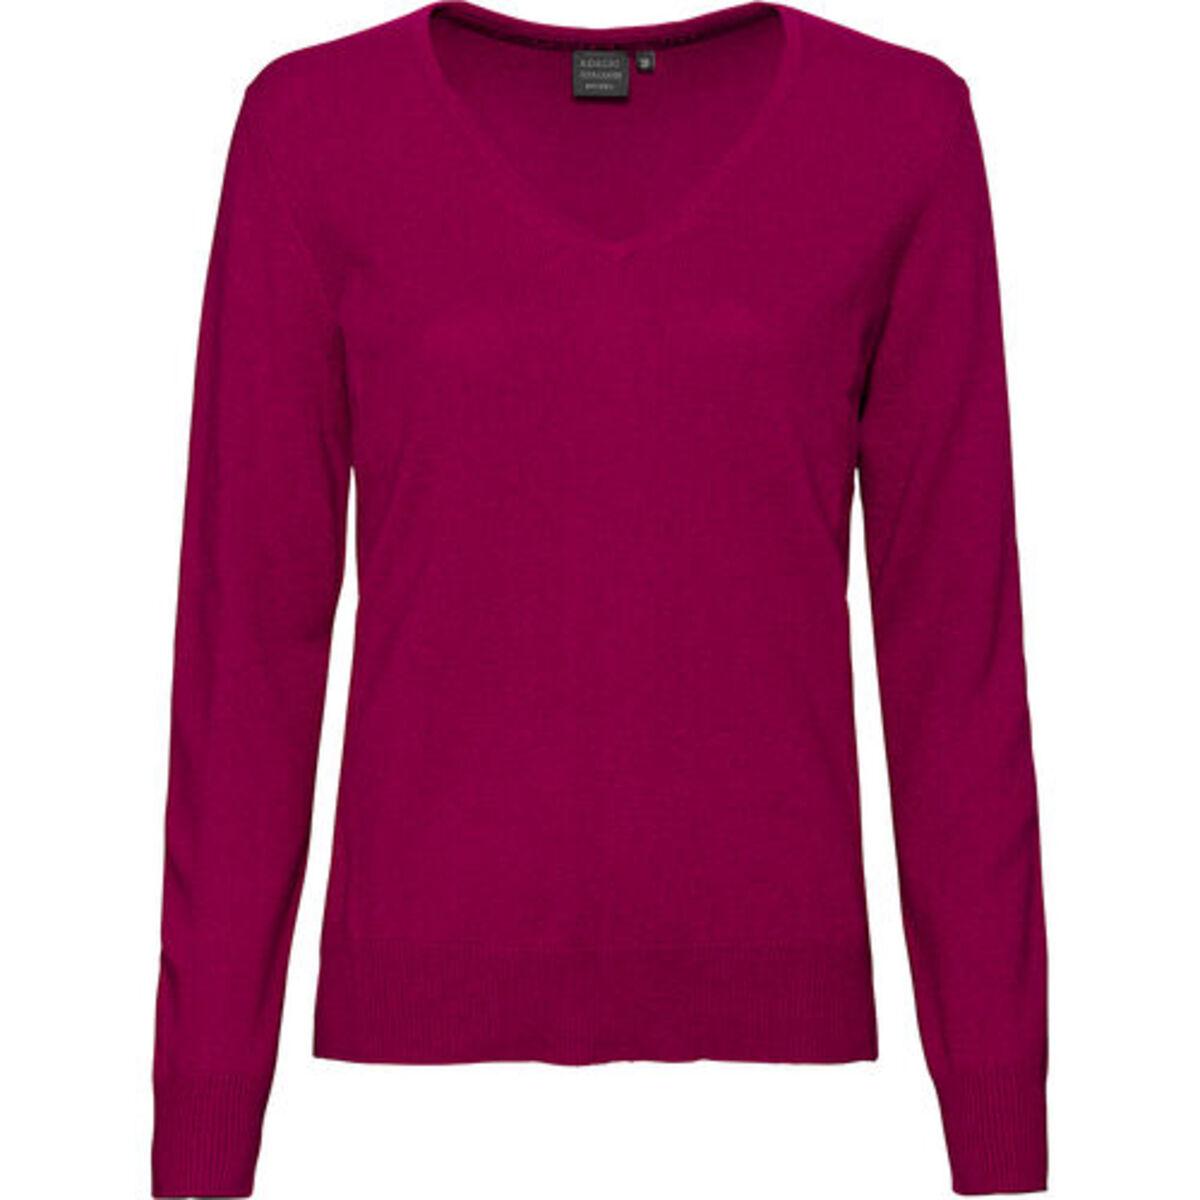 Bild 2 von Adagio Damen Seide-Cashmere Pullover, pink, 40, 40